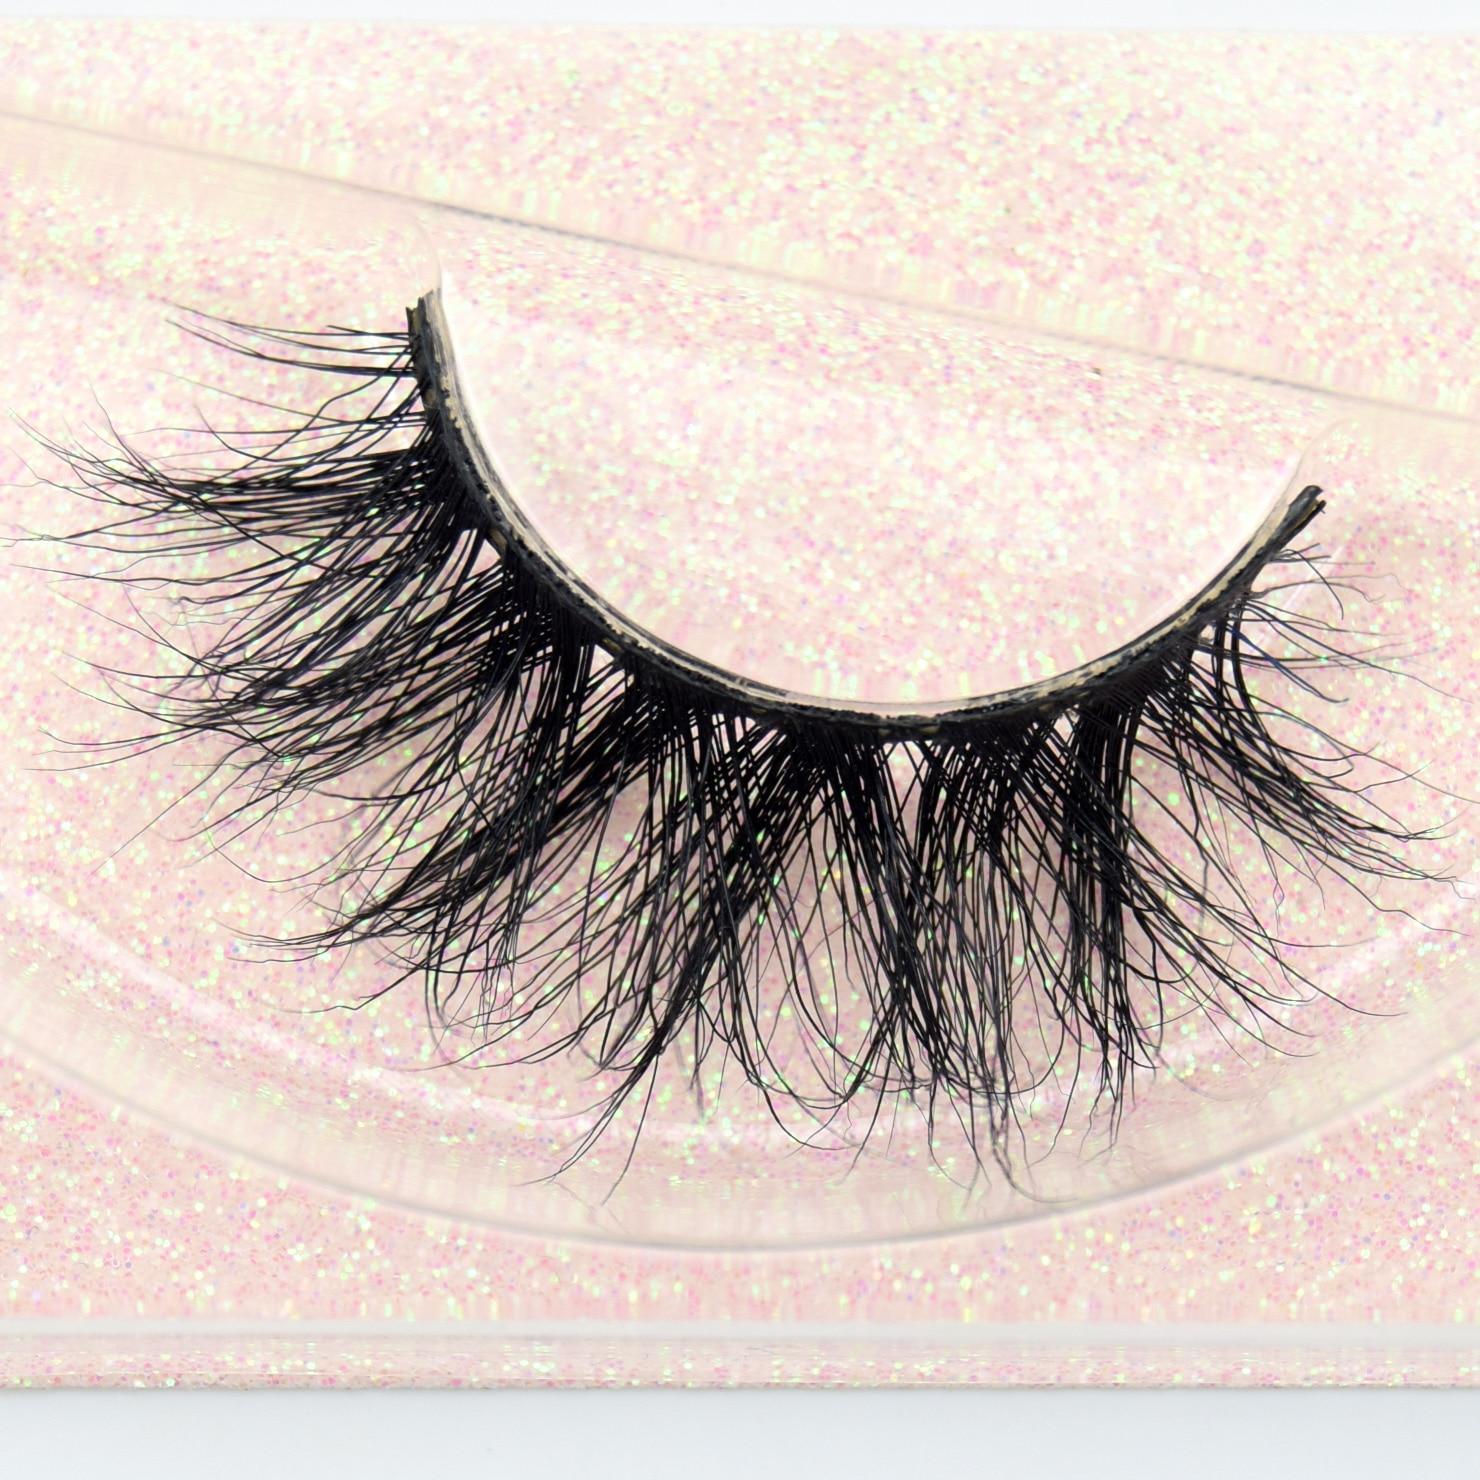 Visofree Mink Eyelashes 100% Cruelty free Handmade 3D Mink Lashes Full Strip Lashes Soft False Eyelashes Makeup Lashes E11(China)